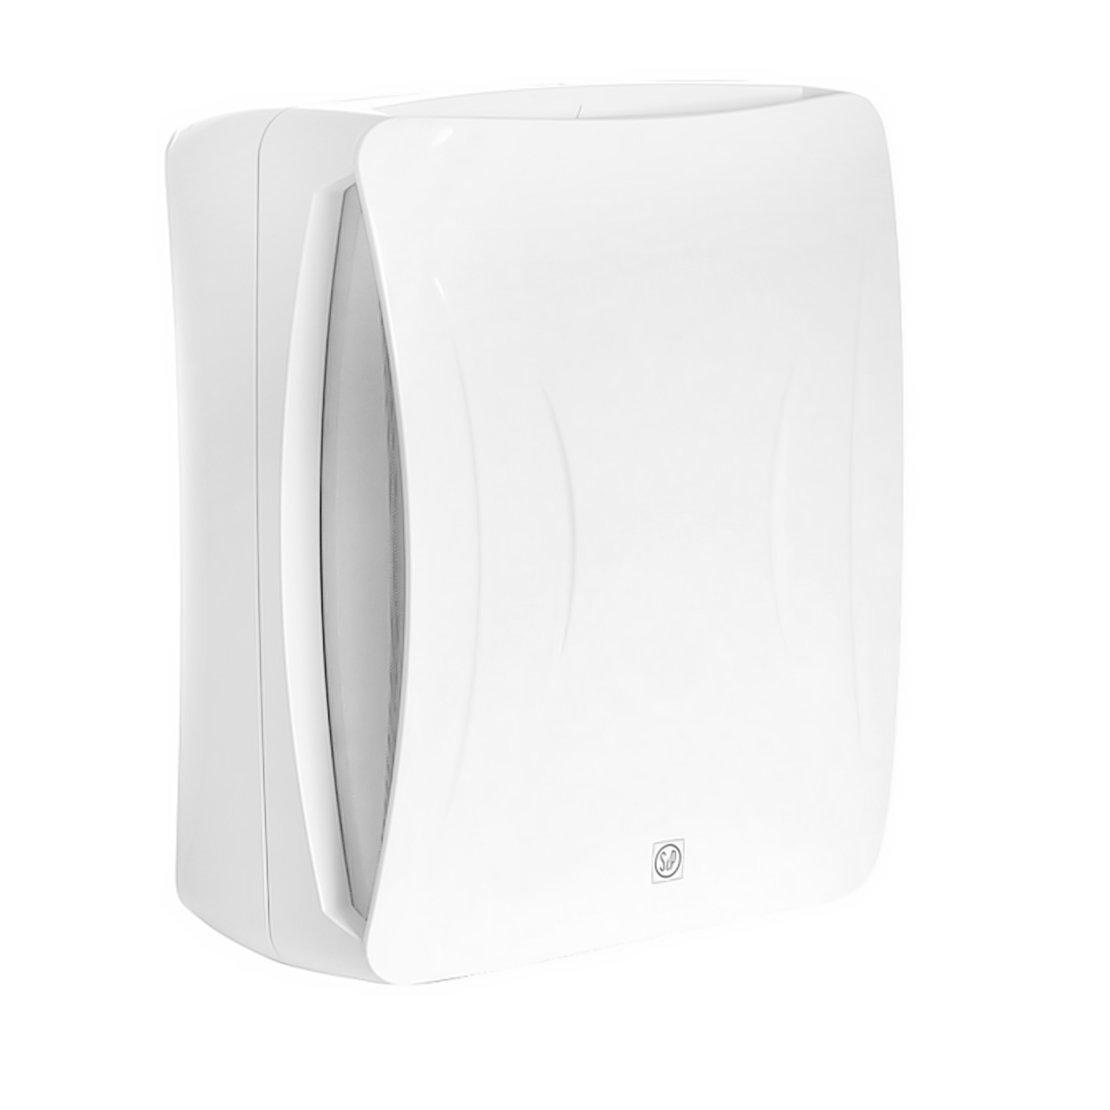 Центробежный вентилятор для ванной Soler&Palau EBB-170 NS